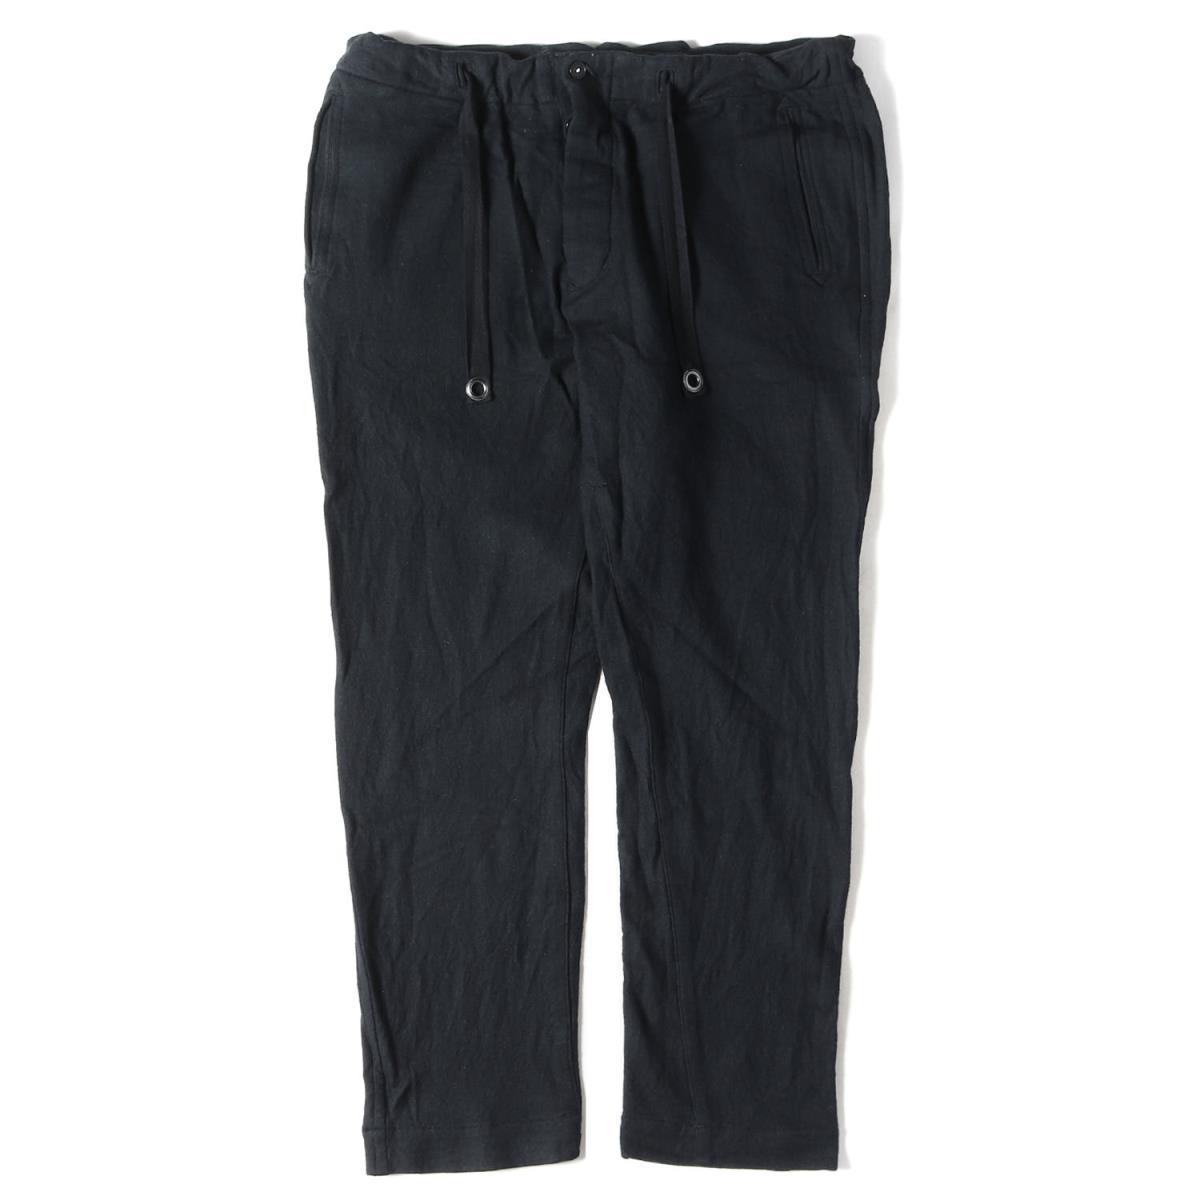 ハバーサック ドローストリング ウール イージーパンツ HAVERSACK パンツ 年間定番 中古 L K3000 ブラック 買い物 メンズ